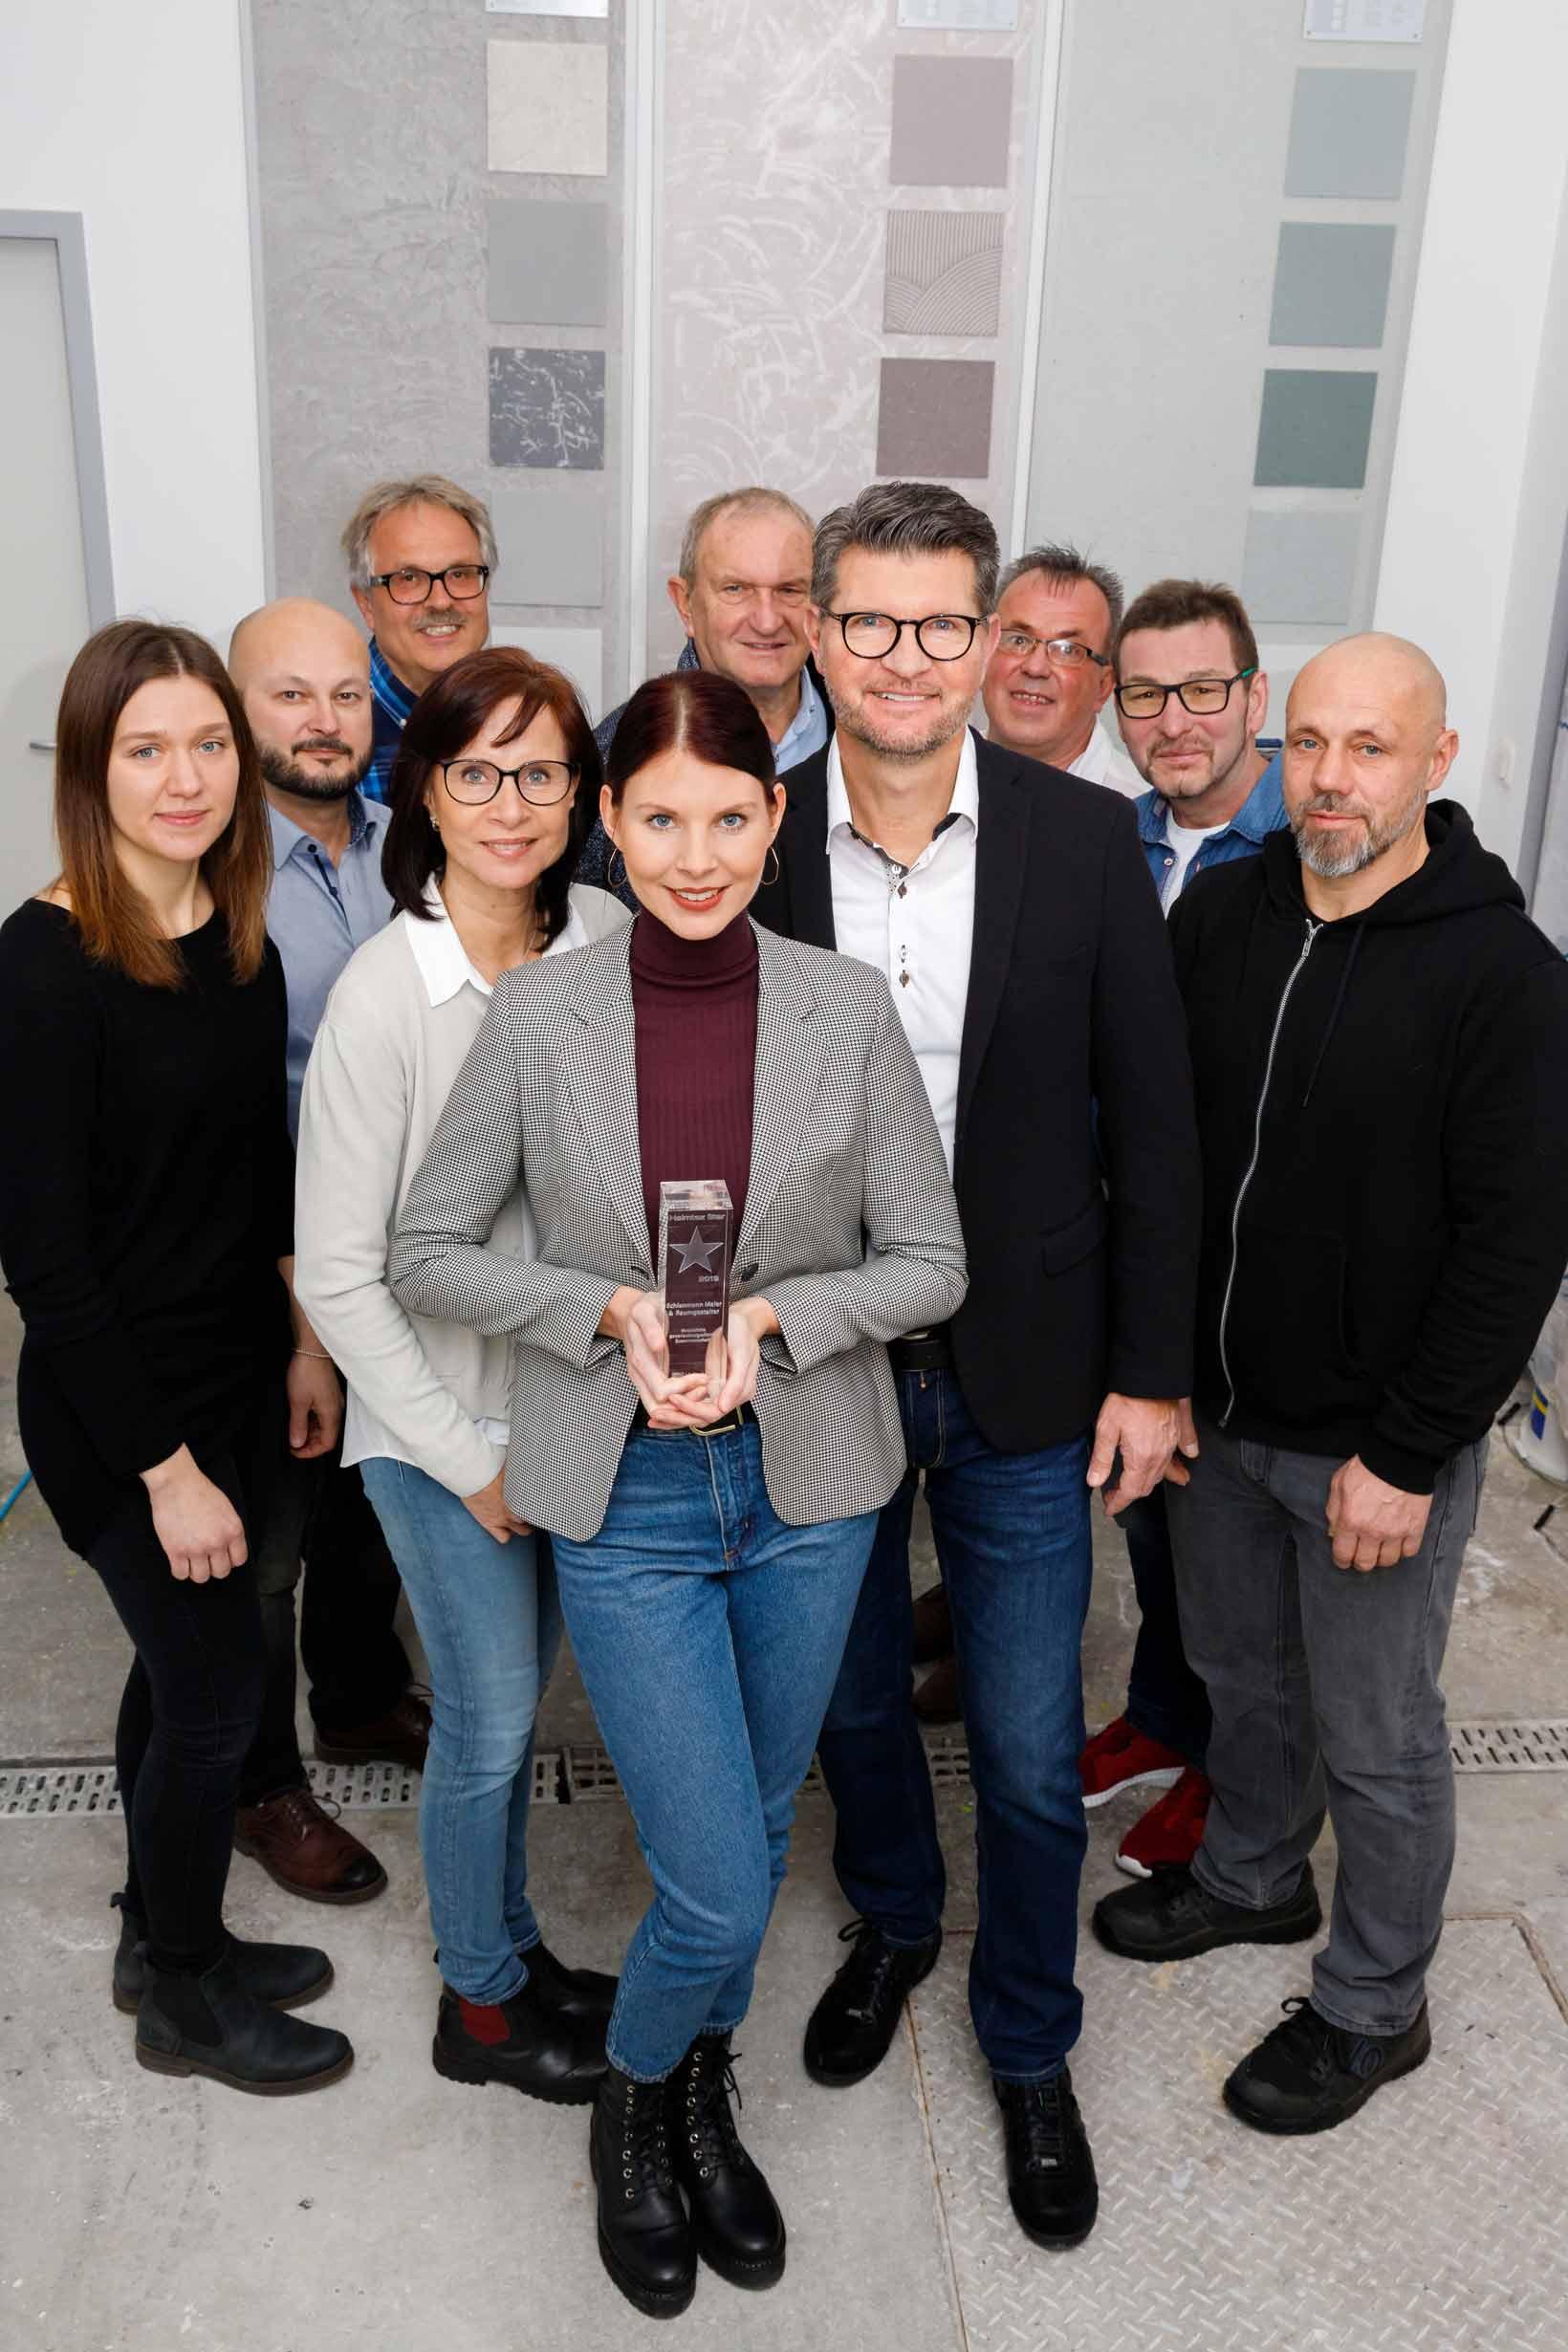 Heimtex Star Preisverleihung Businessfotograf IMG 6144w